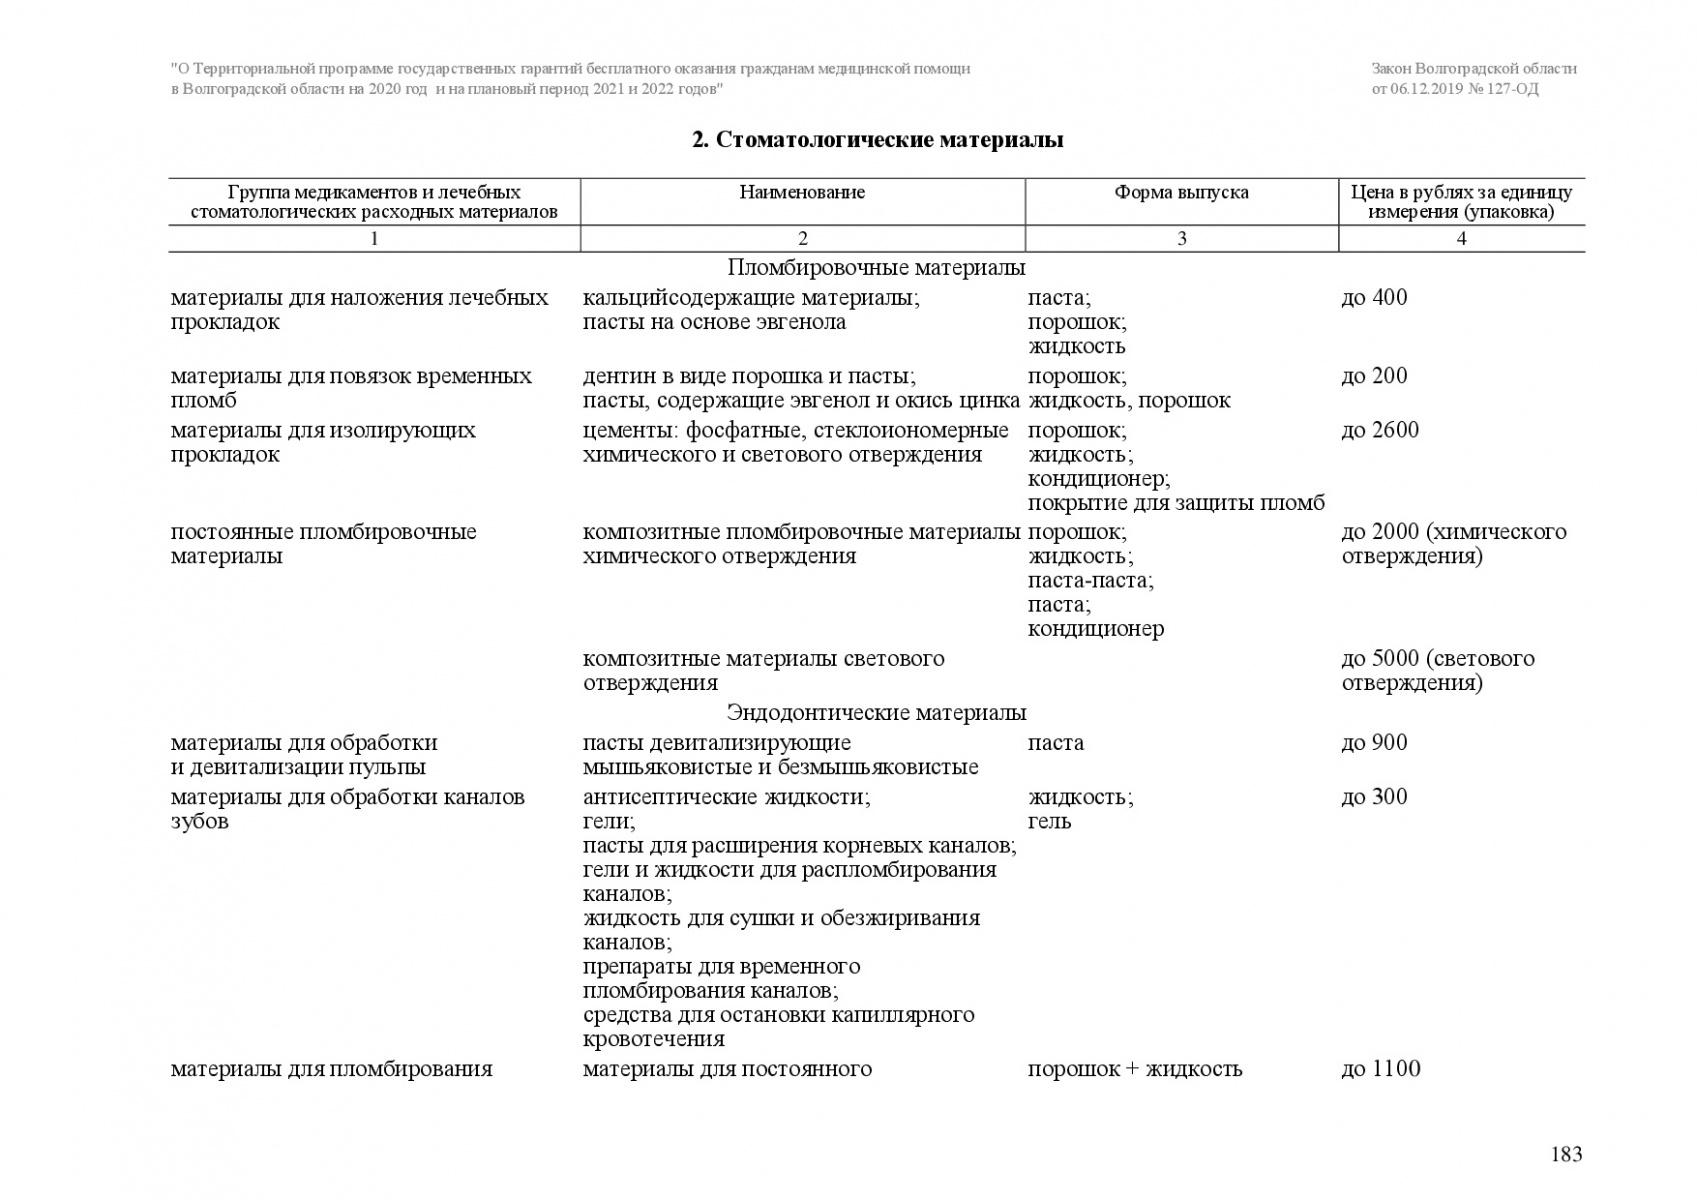 Zakon-VO-127-OD-ot-6_12_2019-TPGG-183